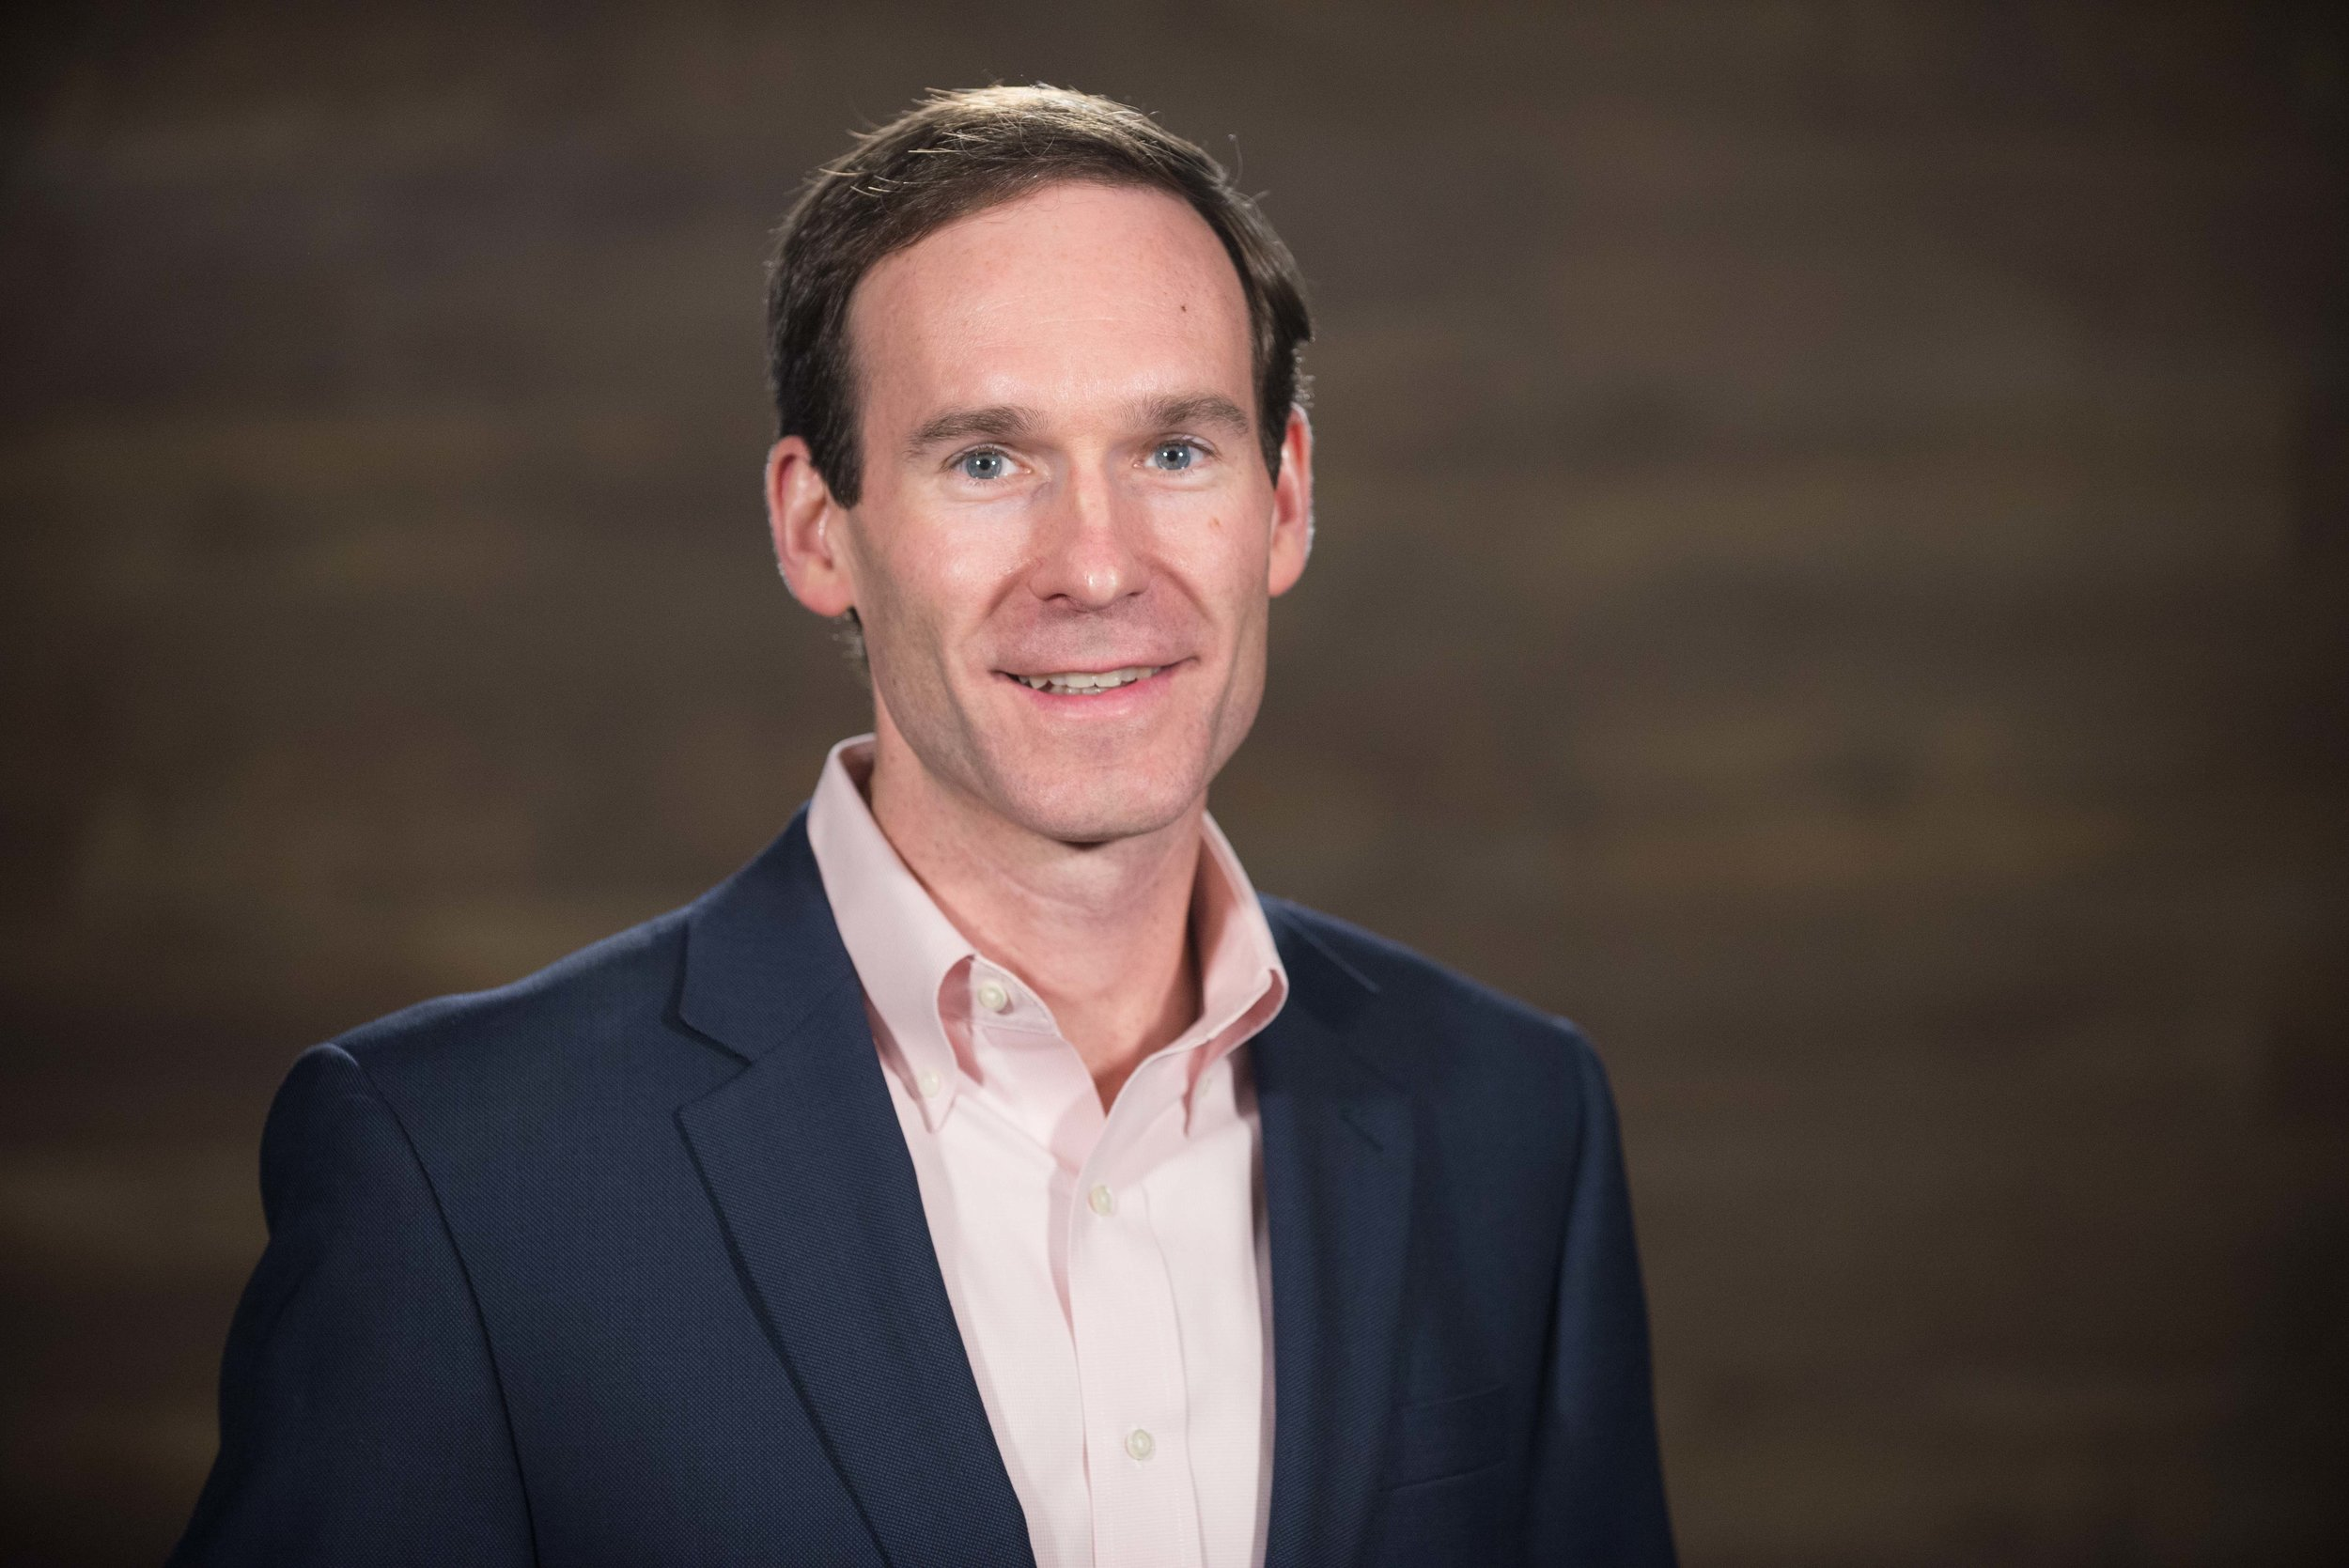 Mark White, Senior Pastor - mark@foresthills.org919-828-6161x104